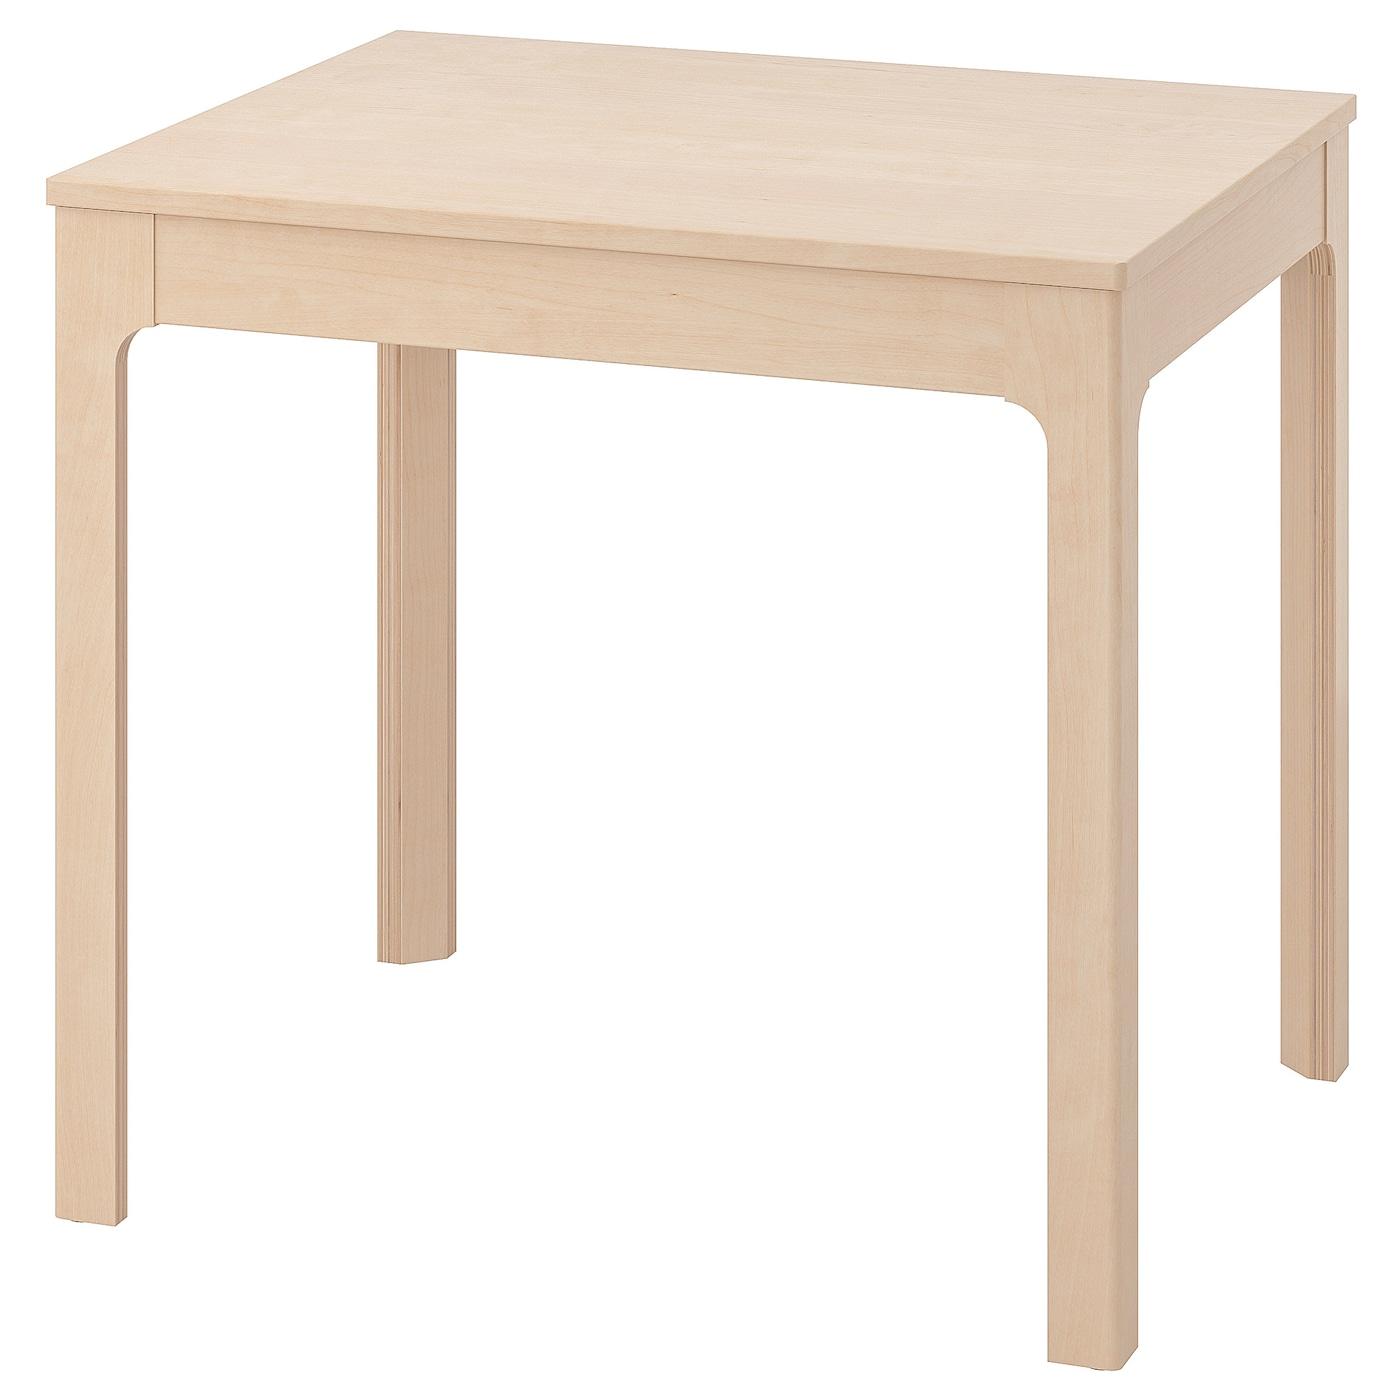 EKEDALEN エーケダーレン 伸長式テーブル